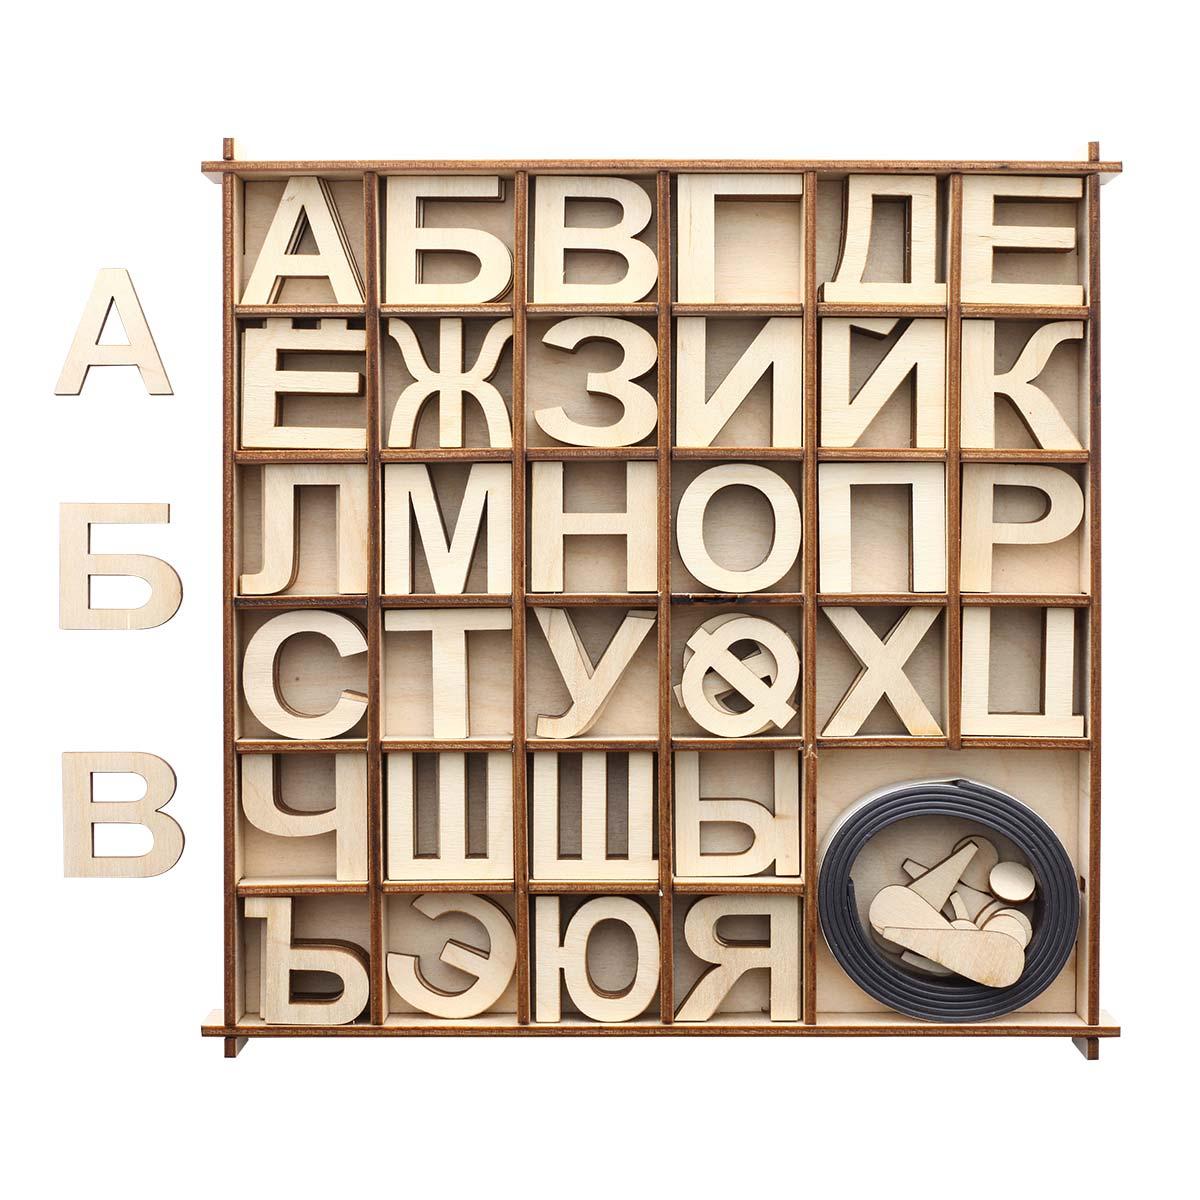 L-1176 Деревянная заготовка Набор букв 145шт в коробке 21,2*21,2см Астра